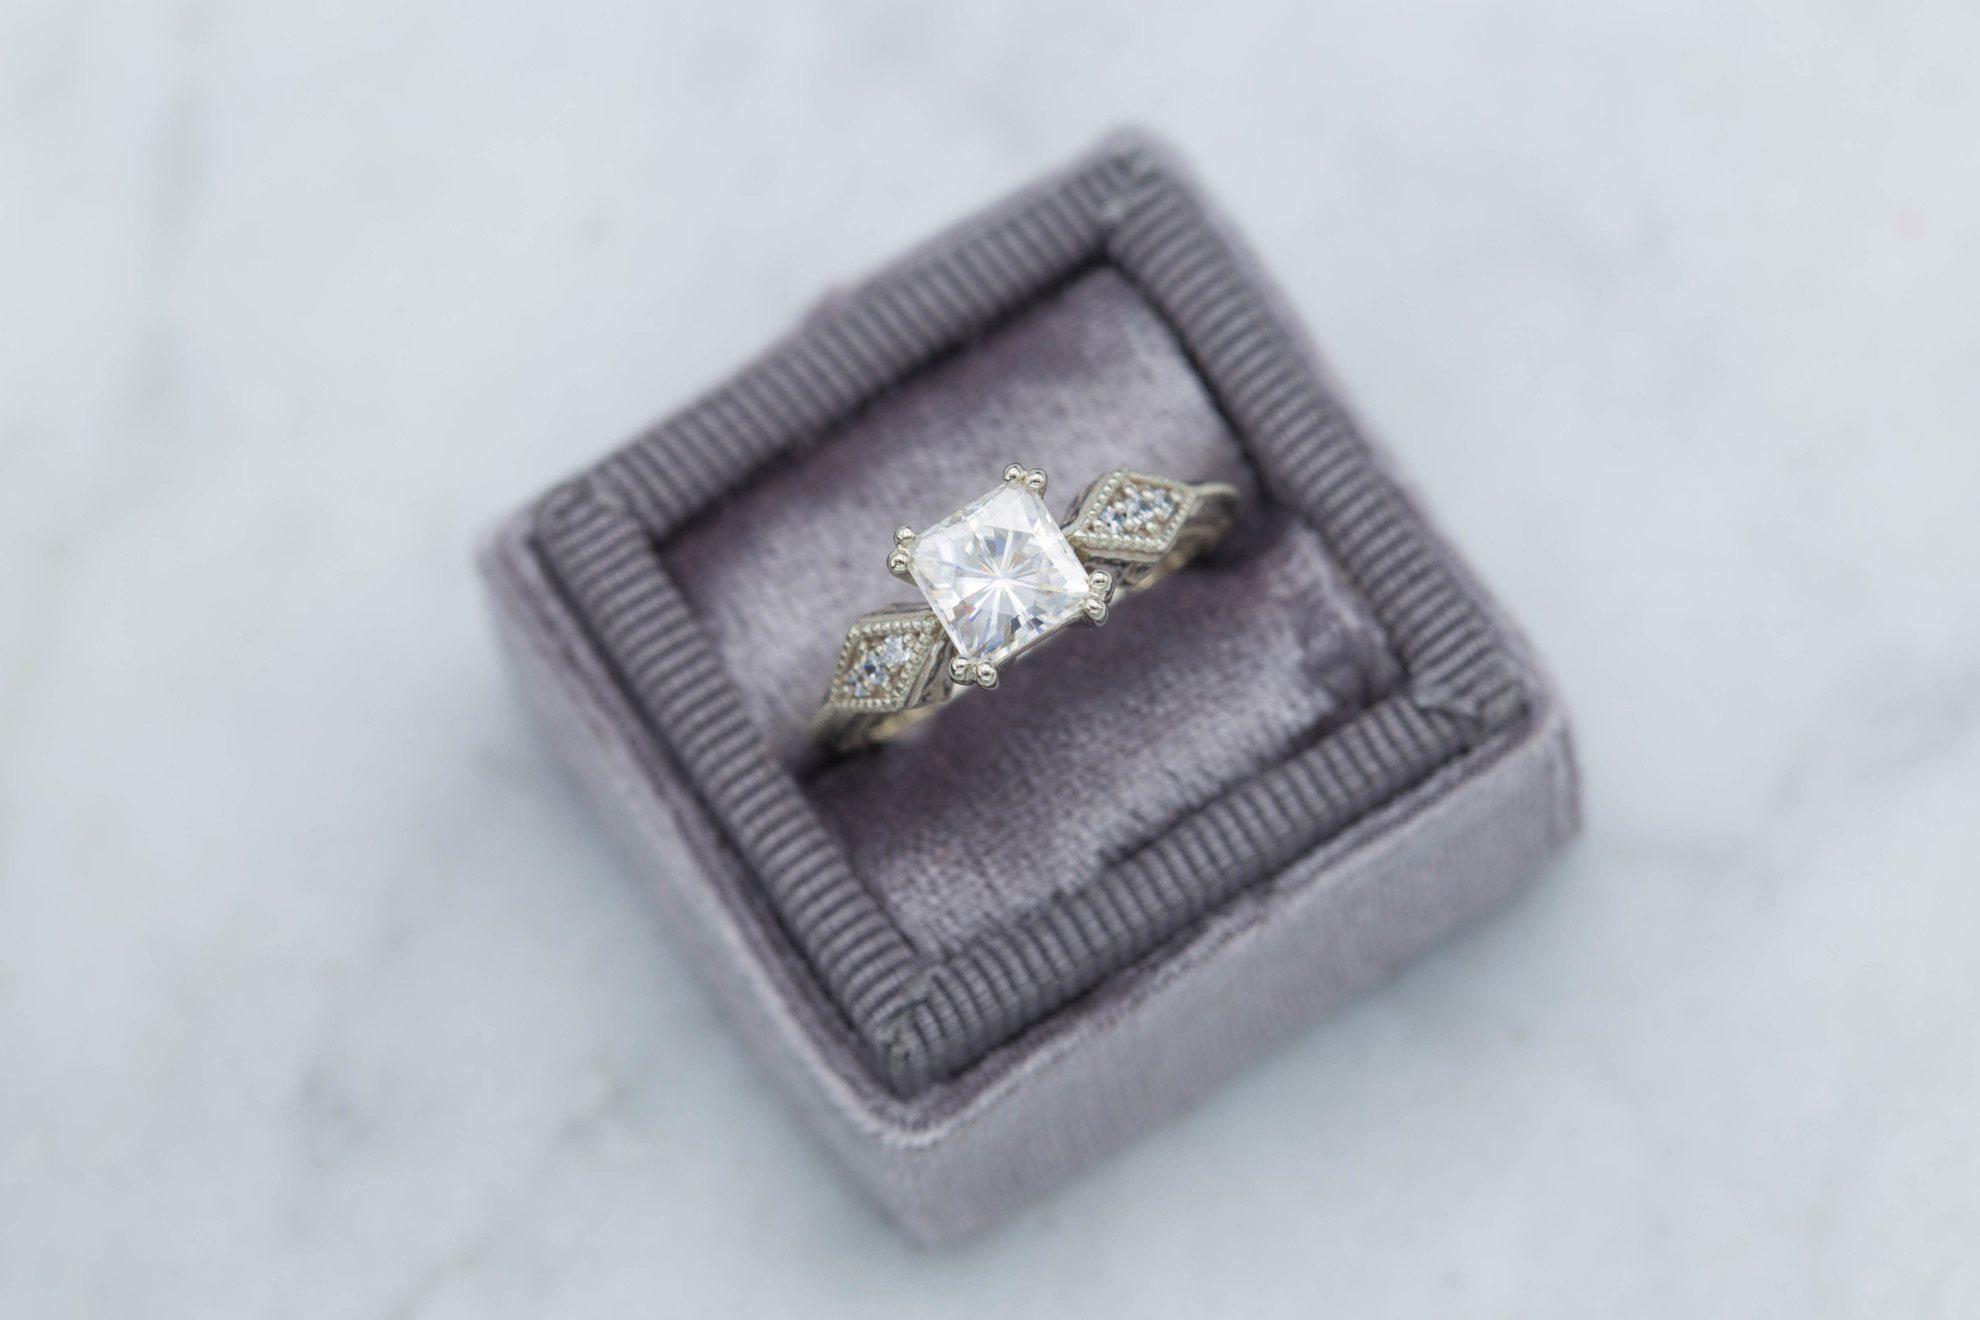 milgrain details - engagement ring setting